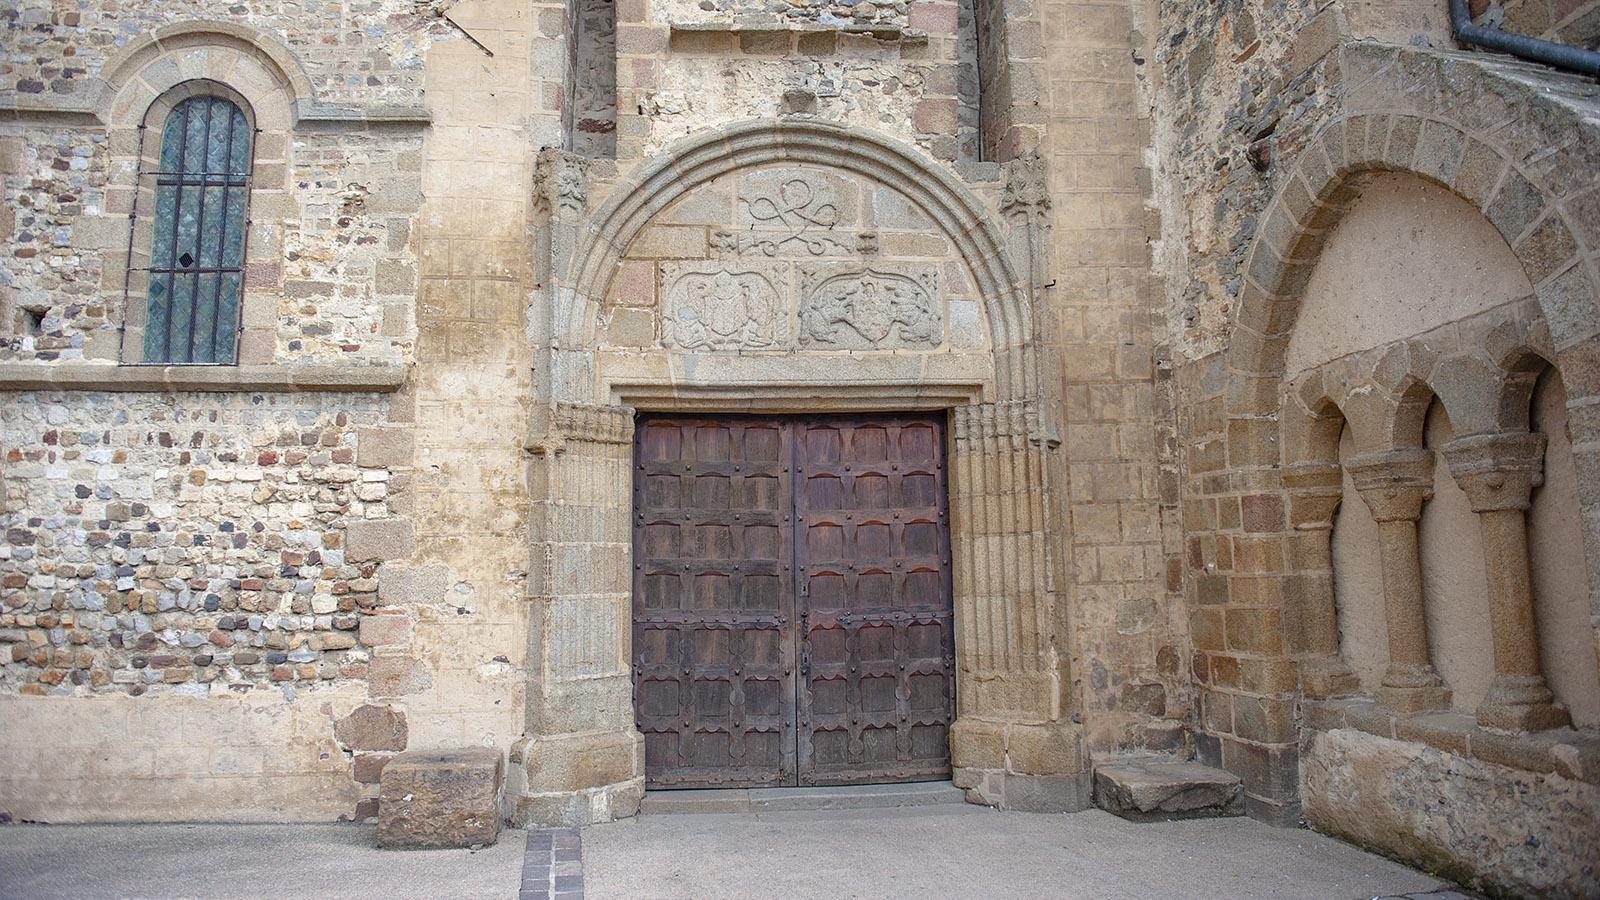 Der Eingang zur Abteikirche des Mont-Saint-Michel. Foto: Hilke Maunder